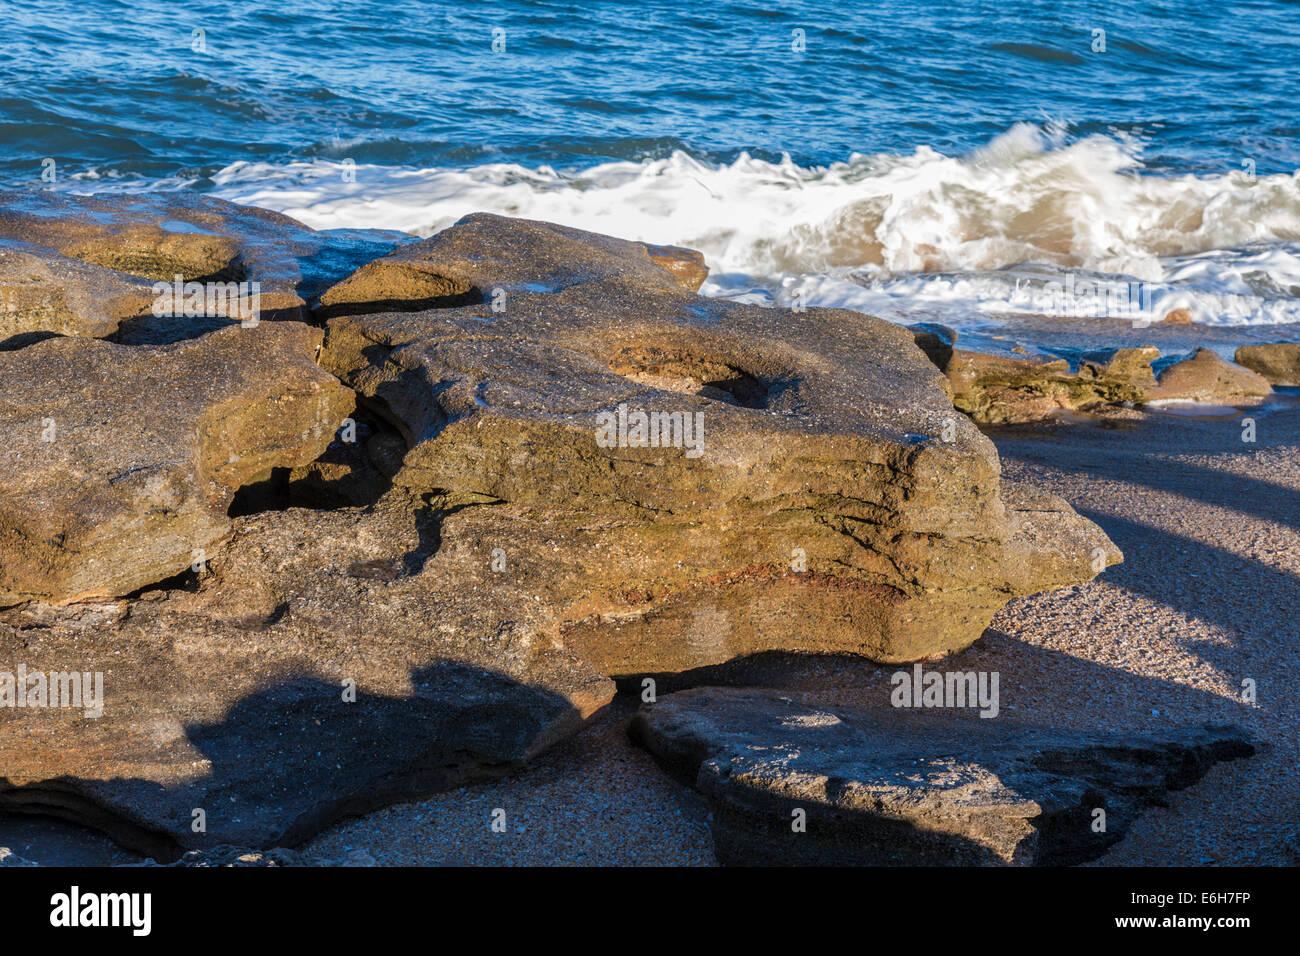 Coquina rock formations along coast of Atlantic Ocean at Washington ...